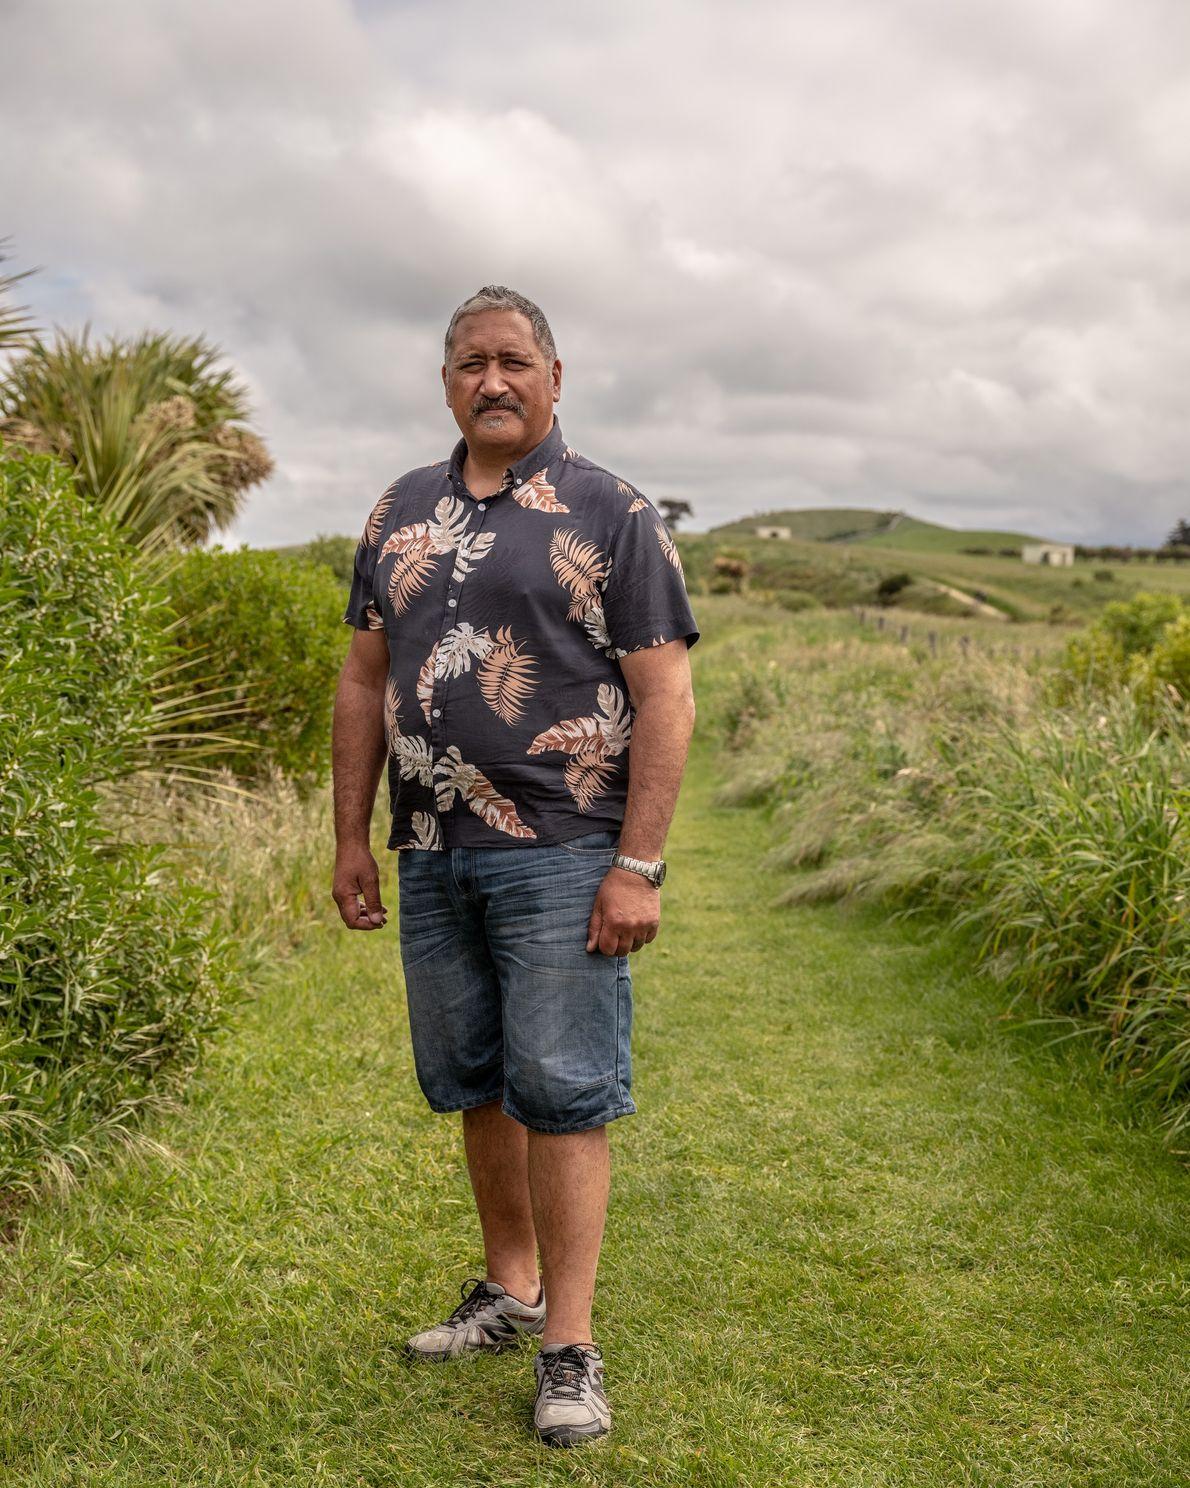 Brett Cowan, a kaumātua, a respected elder in Māori society. He volunteers his time teaching conservation ...